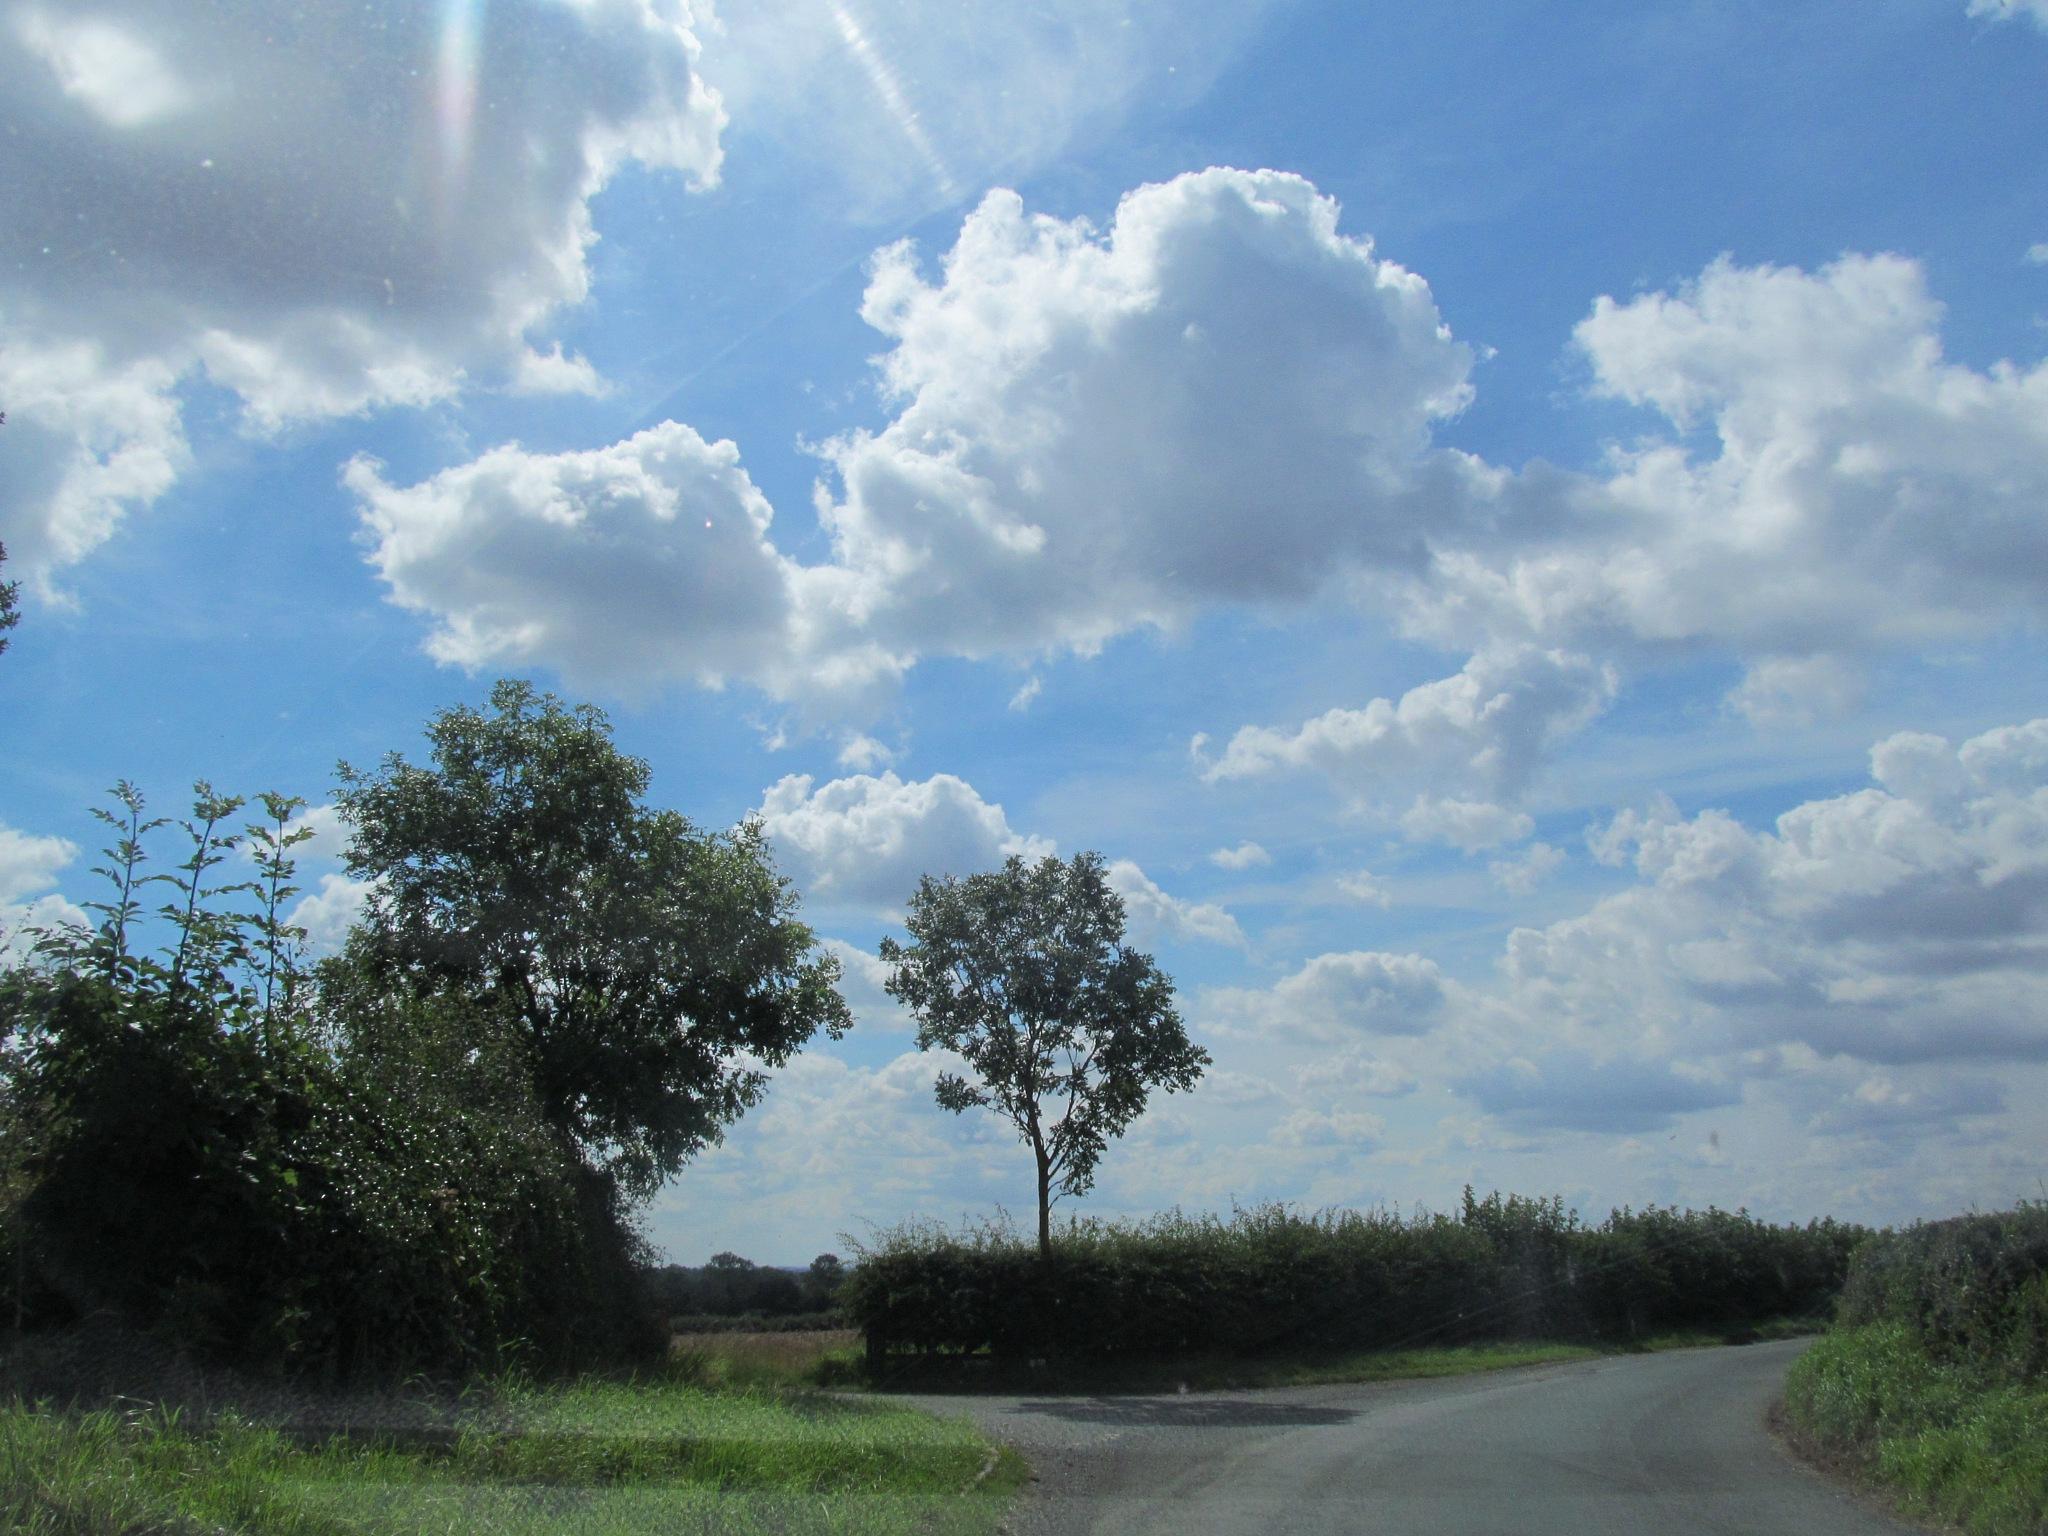 Sky by joan croll